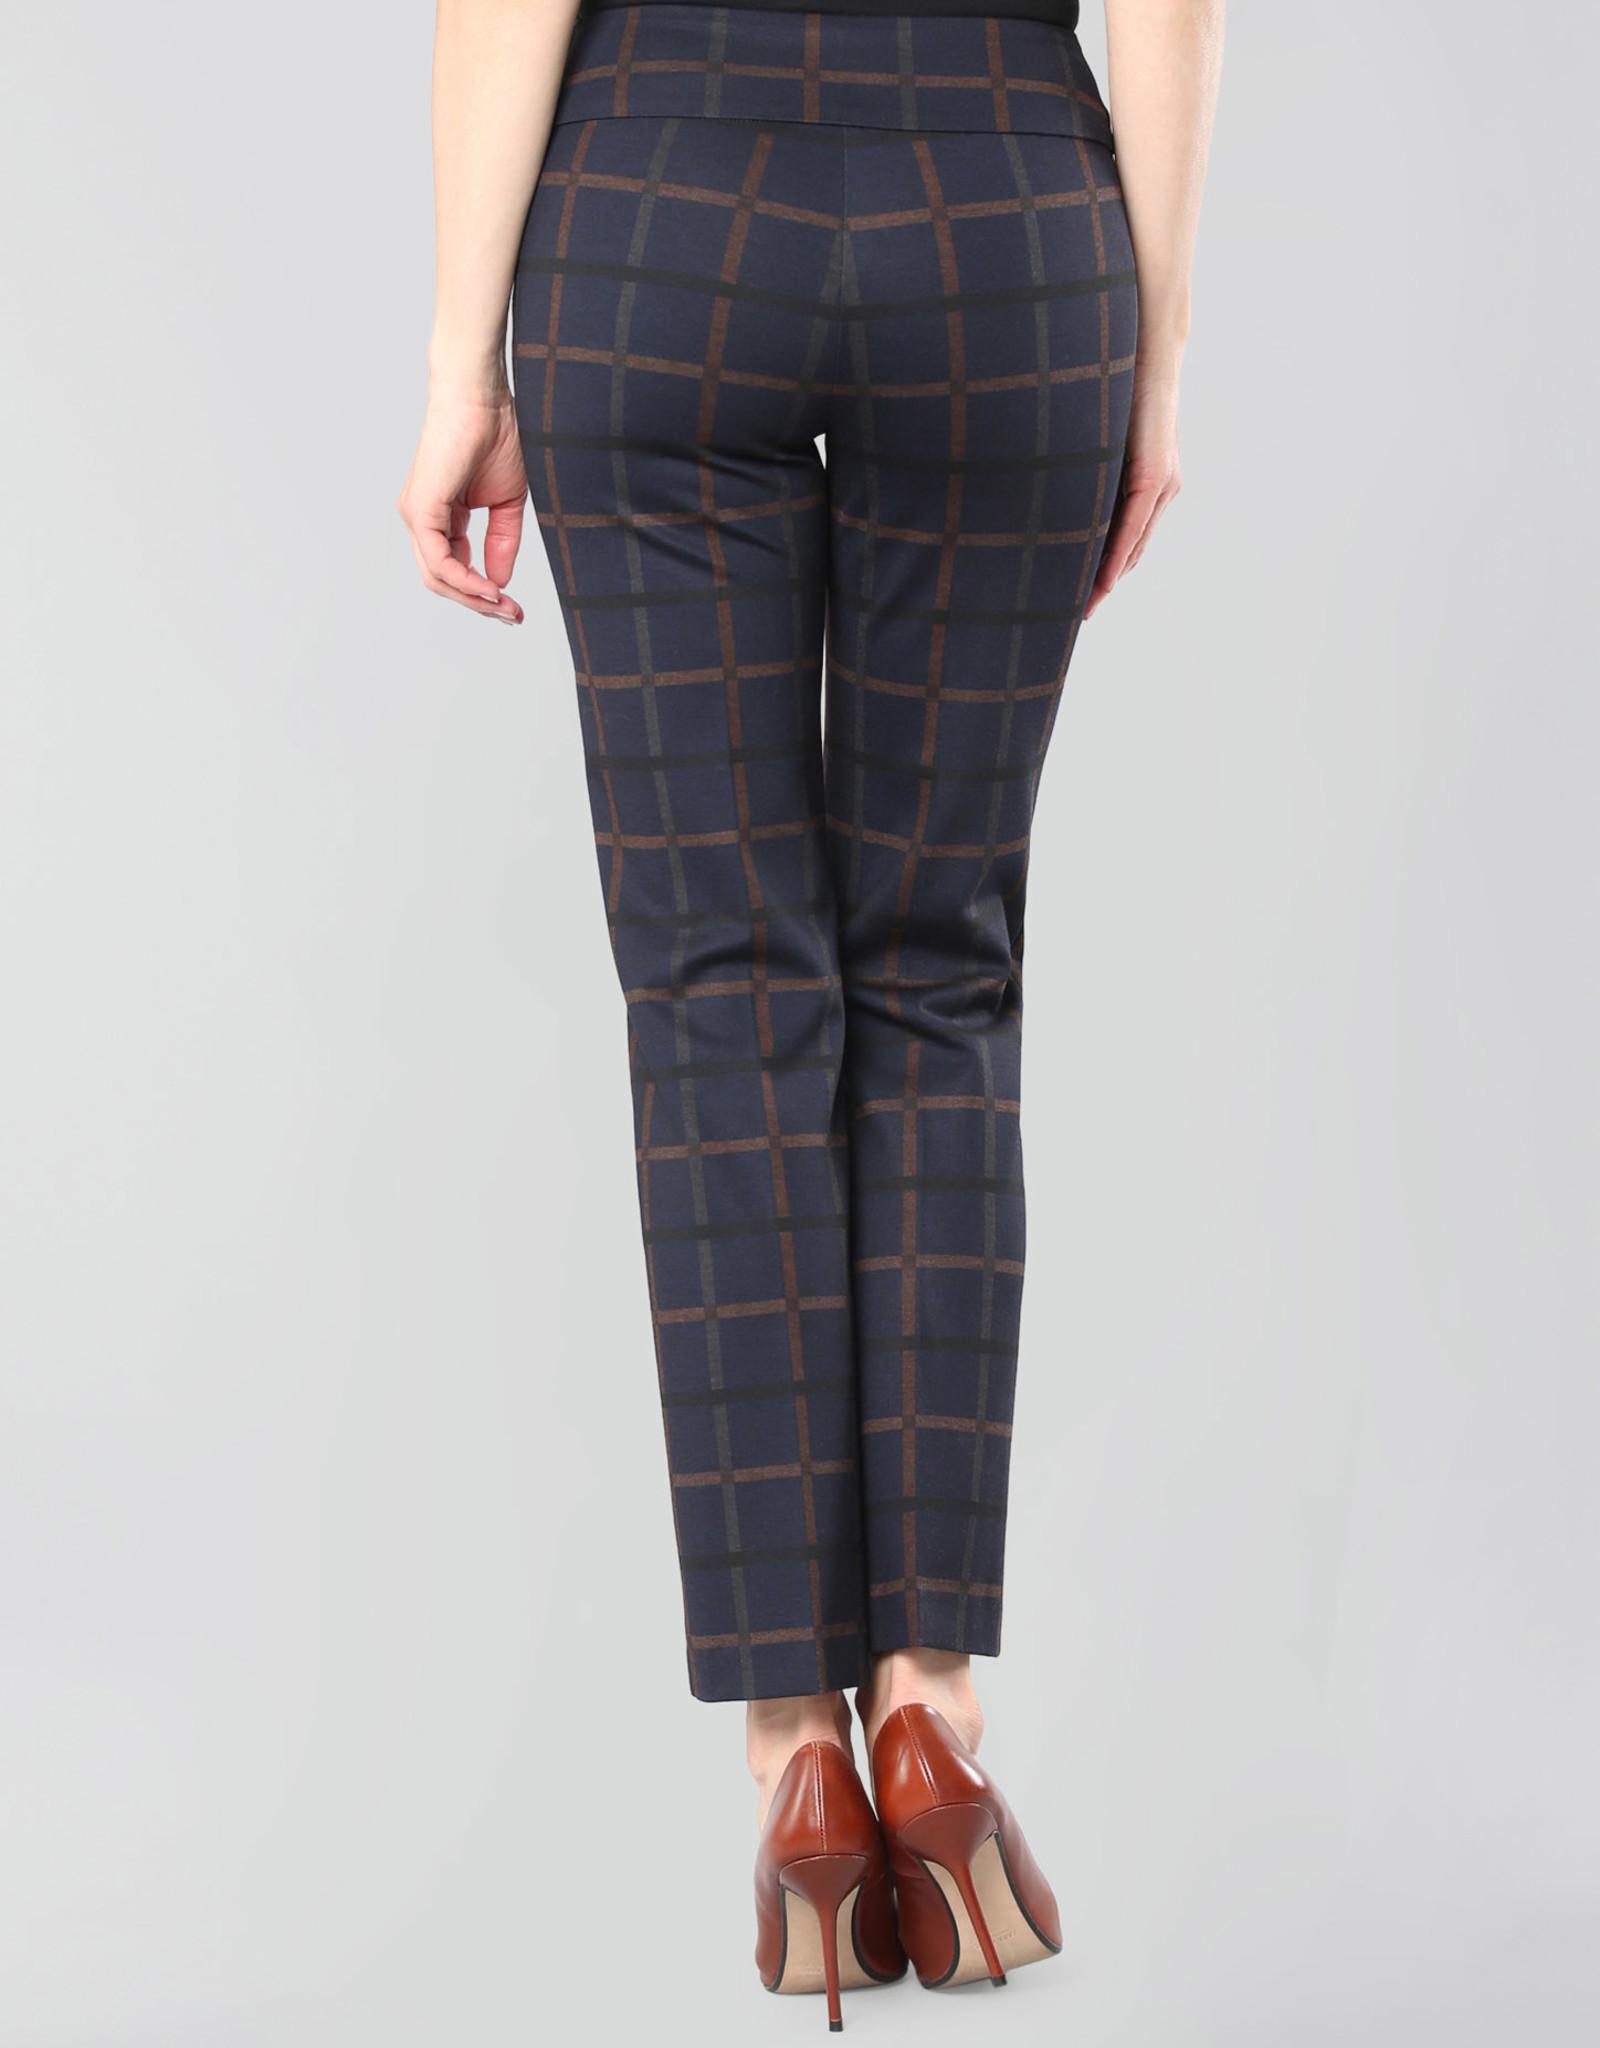 Lisette L. Montréal Pantalon Cheville Crowley Check Lisette L. 69056